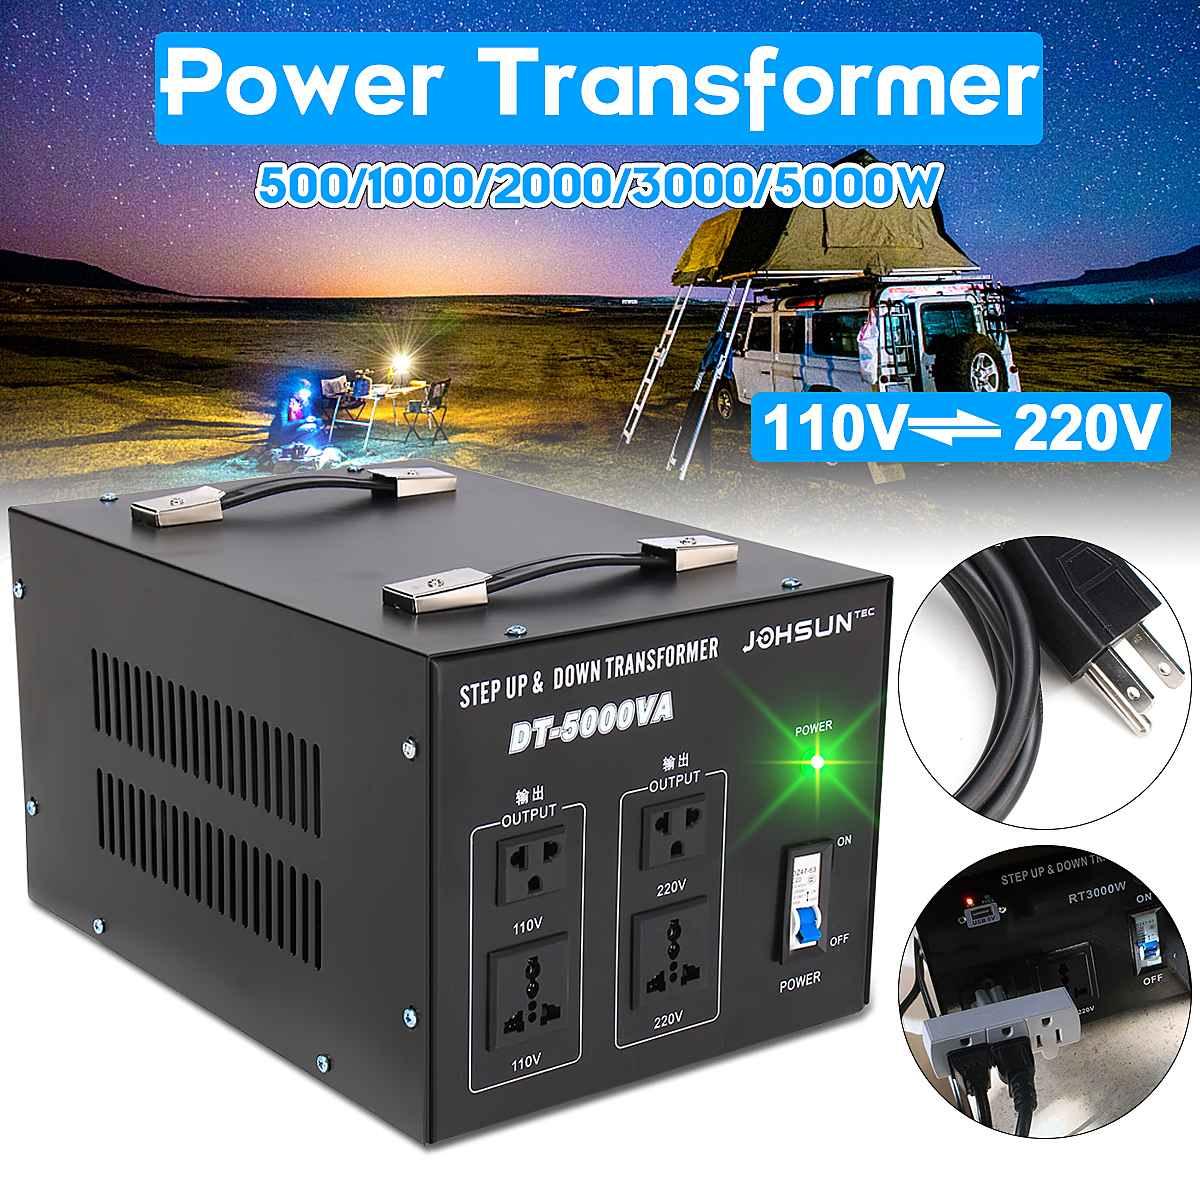 Convertisseur de tension à usage intensif | 500/1000/2000/3000 W convertisseur de puissance 5000 V auf 220V